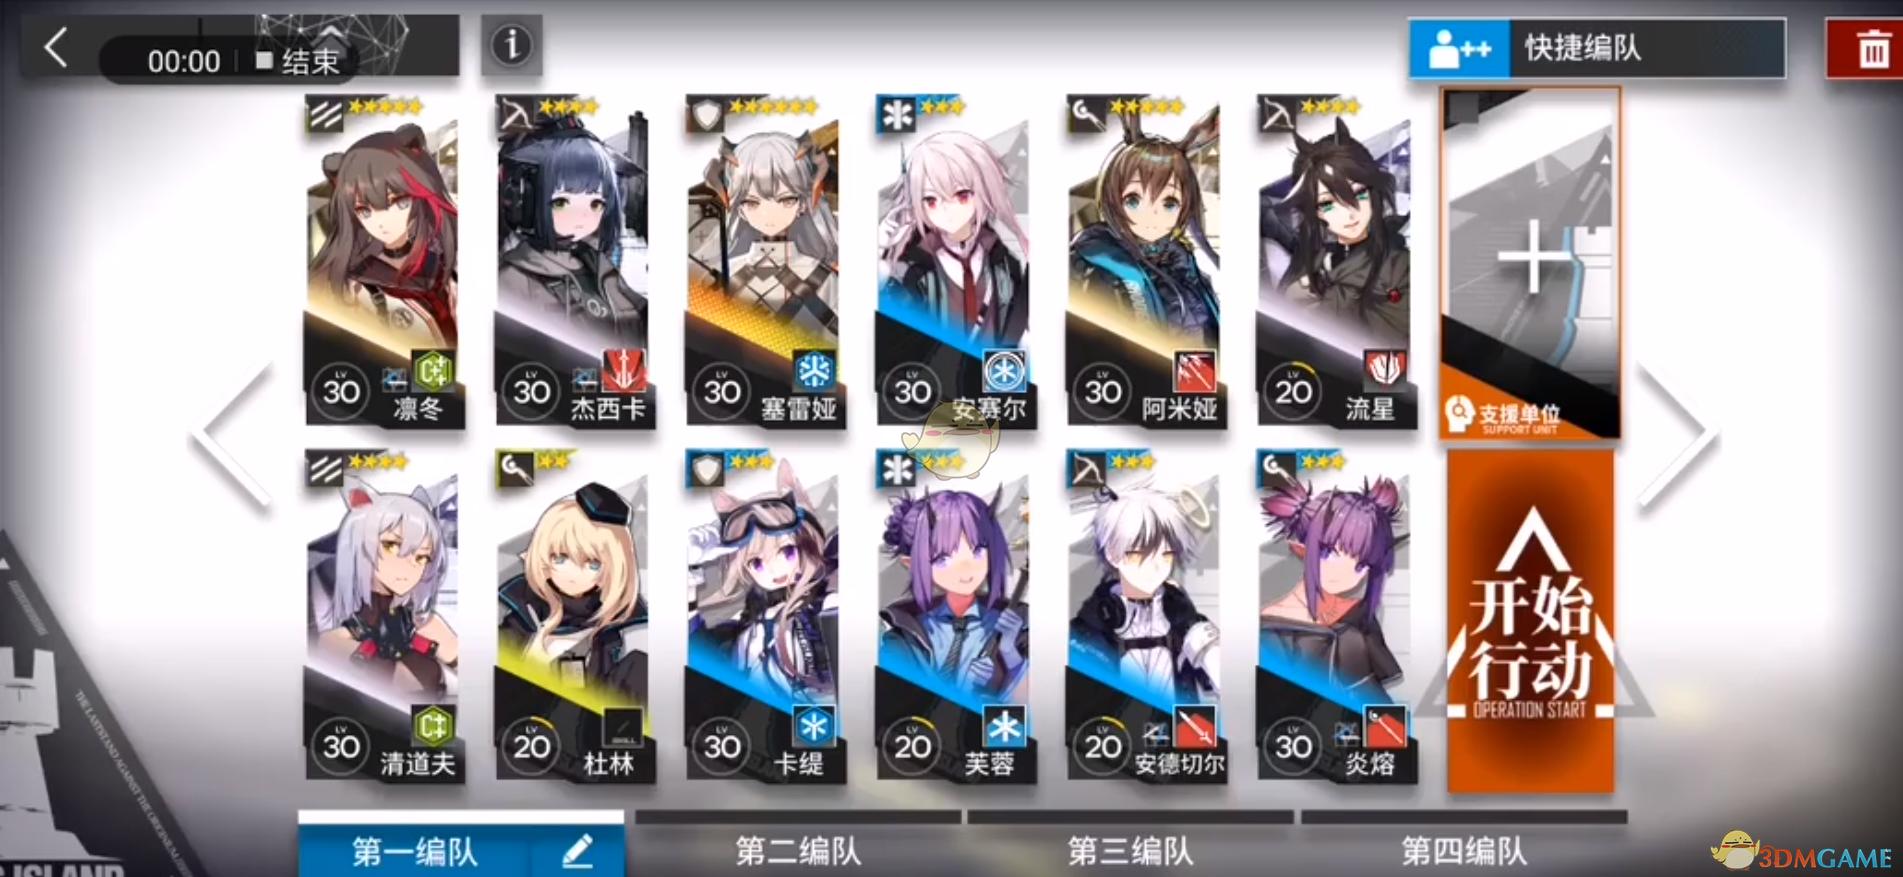 《明日方舟》S2-4关卡攻略